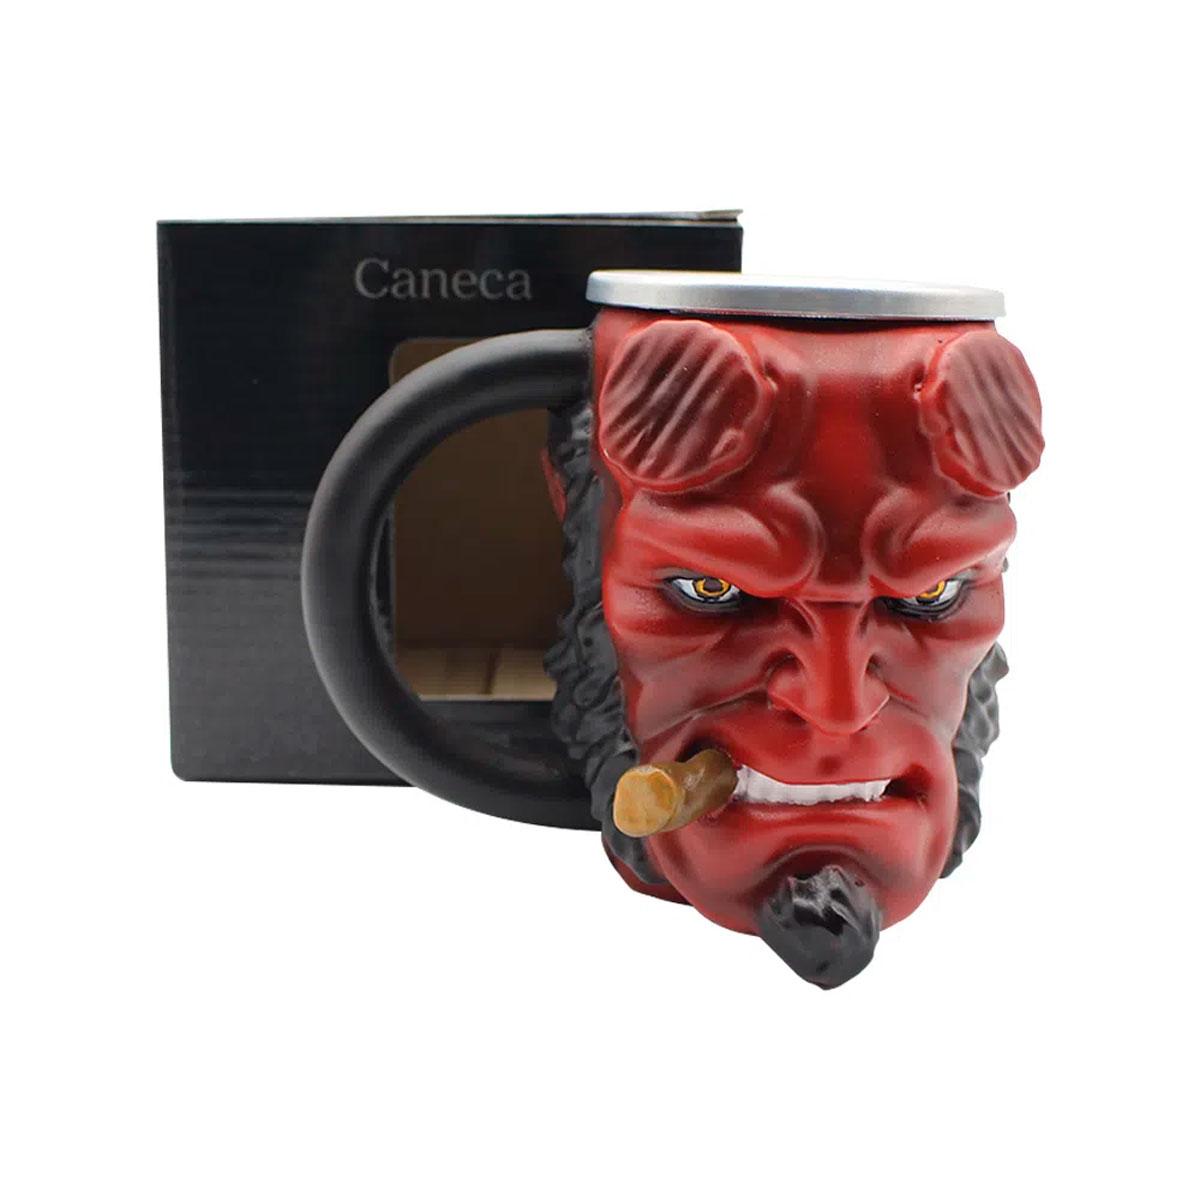 Caneca 3D Hellboy 250 ml - Presente Super